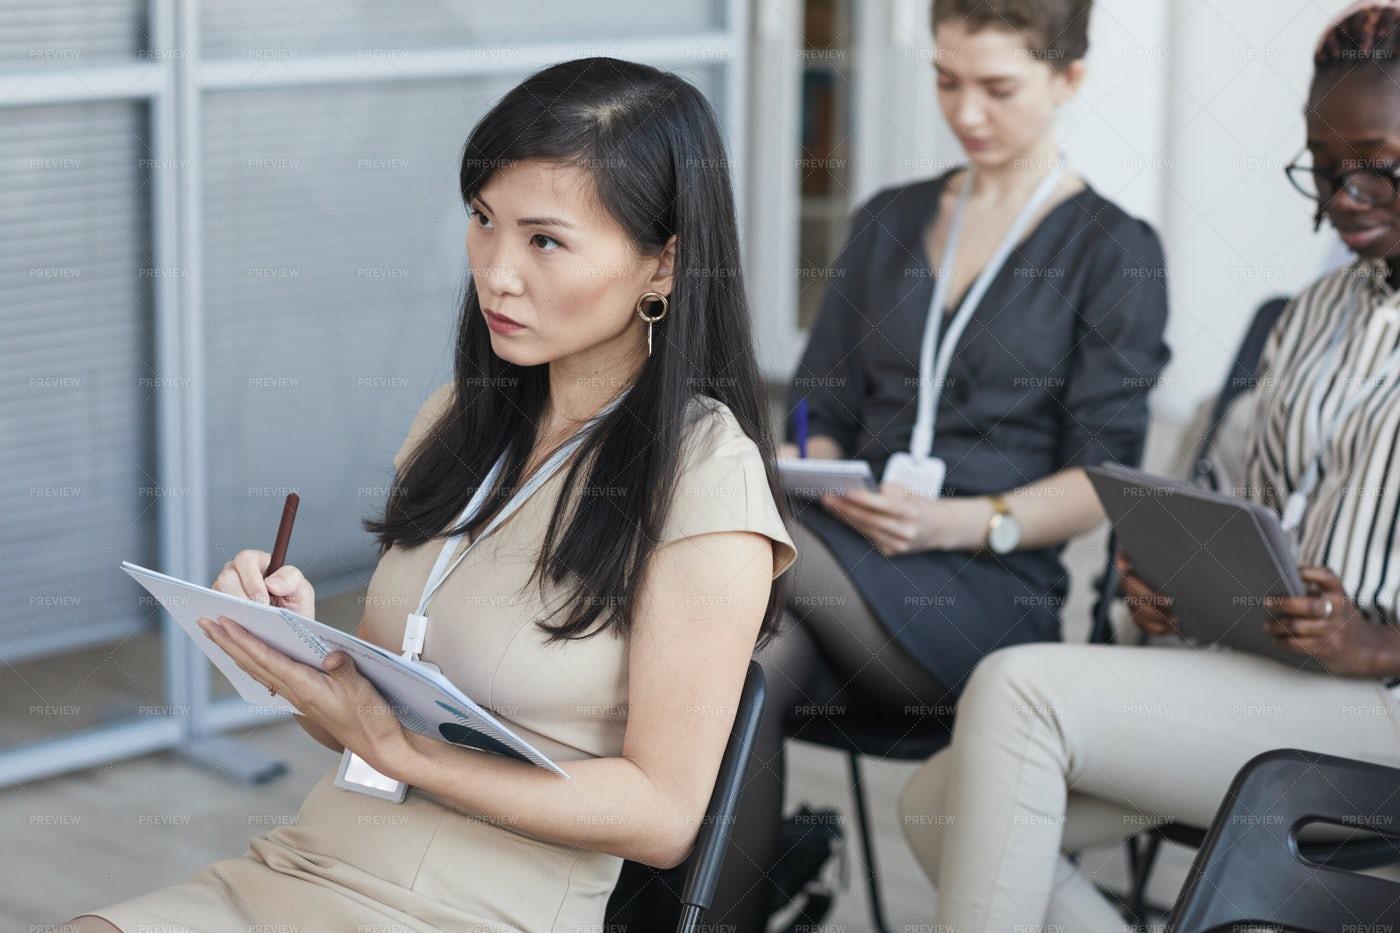 Woman At Business Meeting: Stock Photos